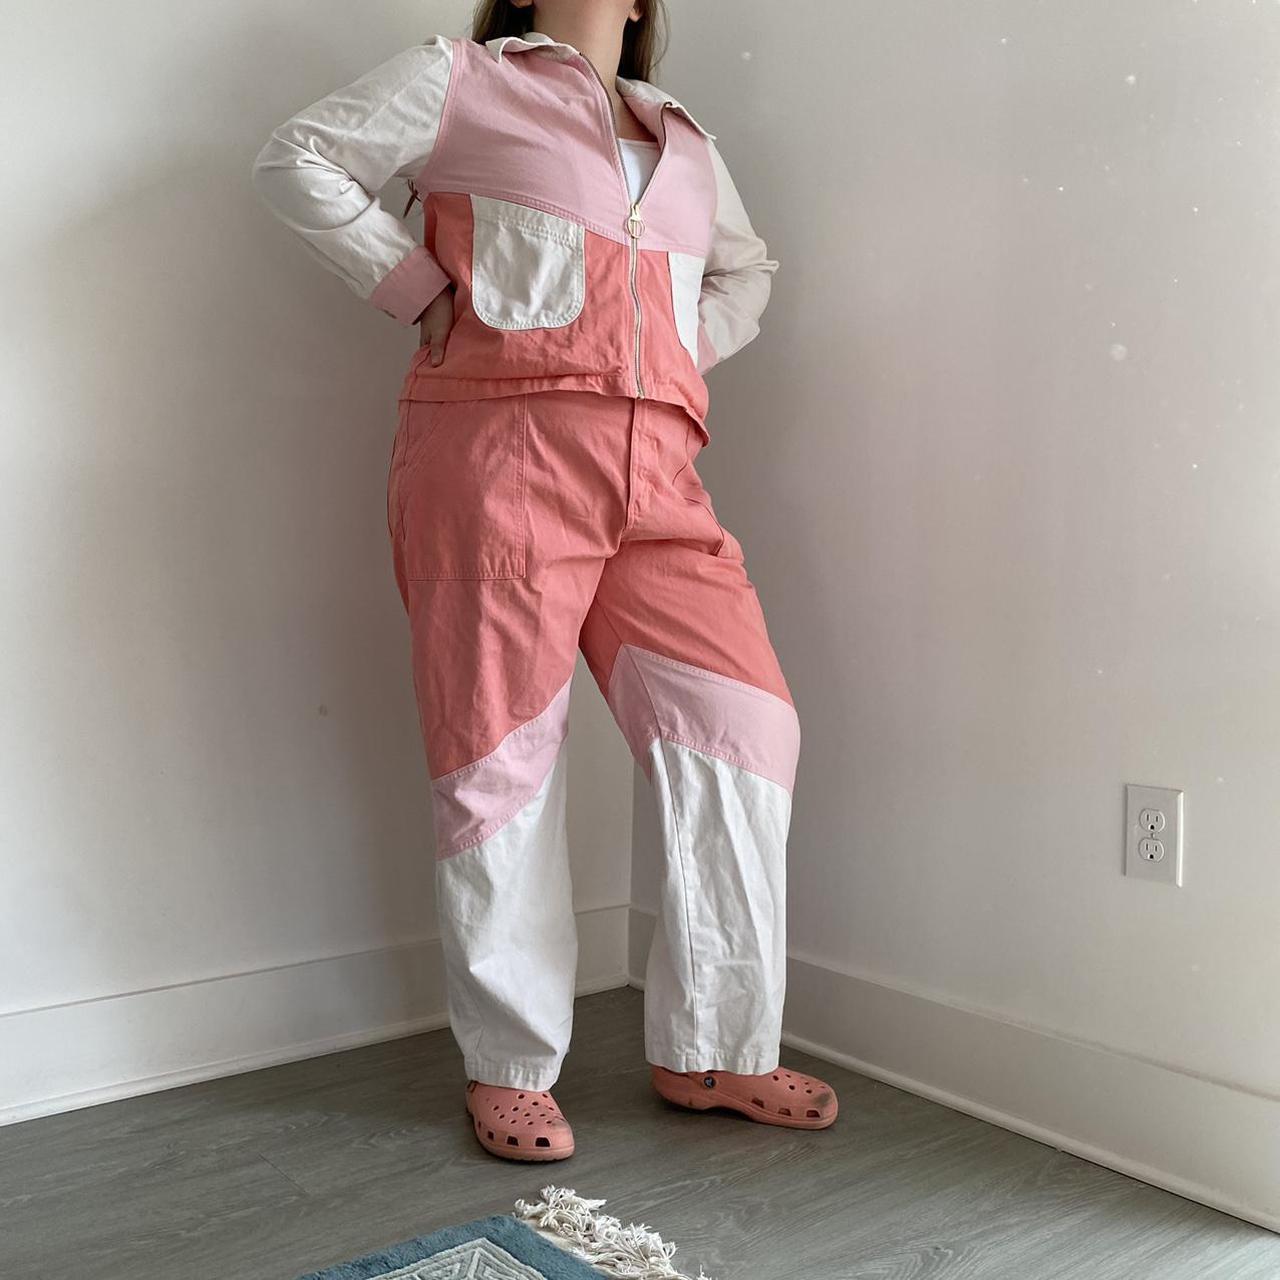 Product Image 1 - Big Bud Press pink and